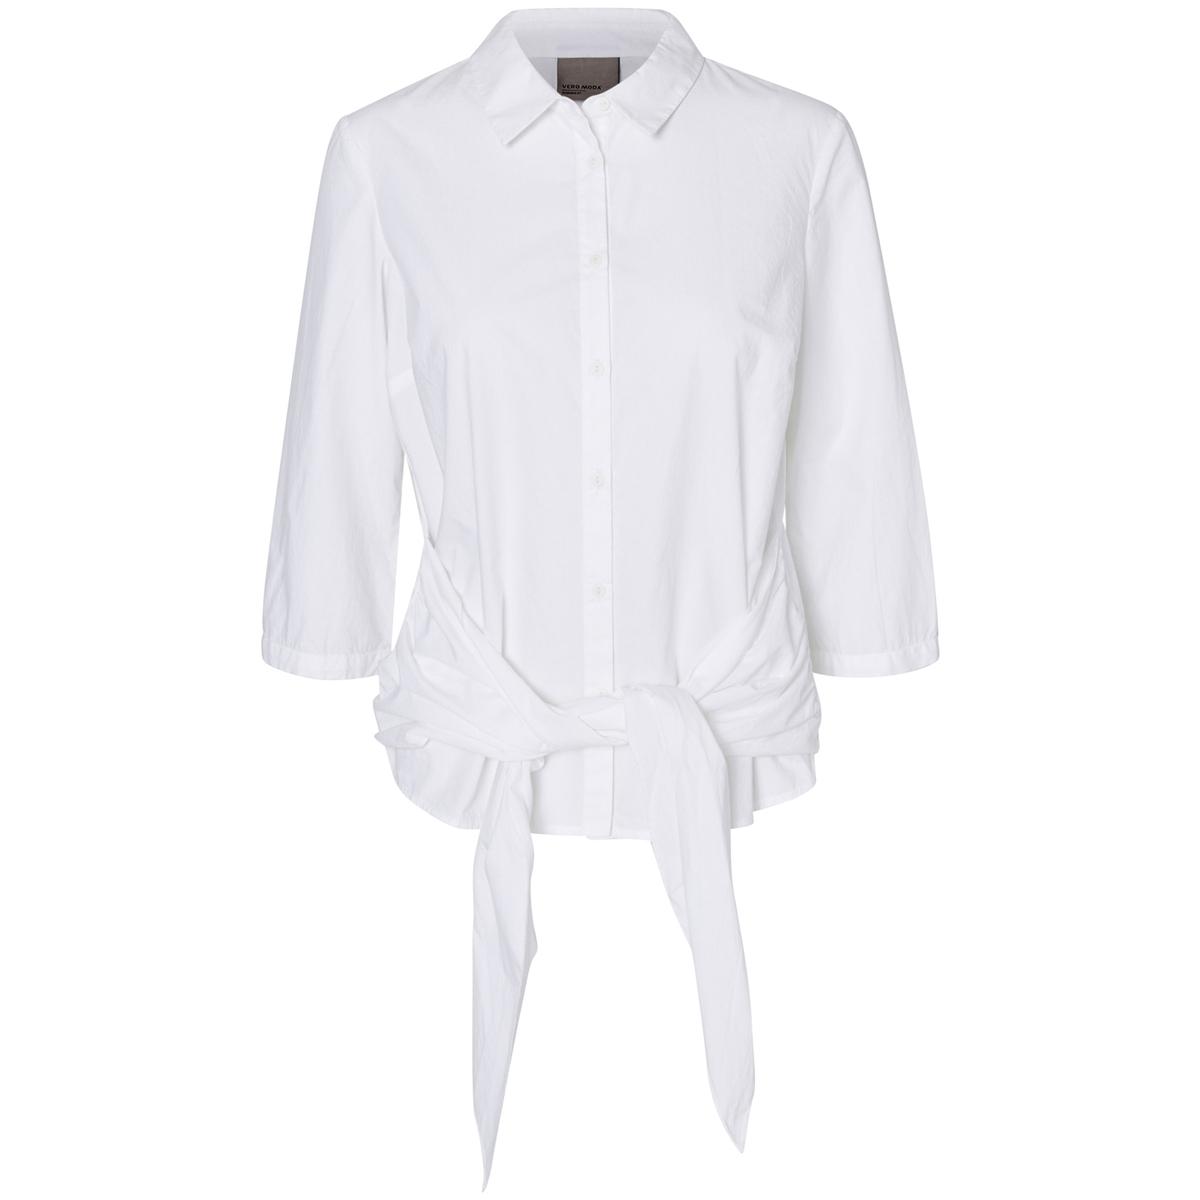 Рубашка прямого покроя из хлопкаДетали   •  Длинные рукава  •  Прямой покрой  •  Воротник-поло, рубашечный Состав и уход  •  100% хлопок  •  Просьба следовать советам по уходу, указанным на этикетке изделия<br><br>Цвет: белый,синий<br>Размер: M